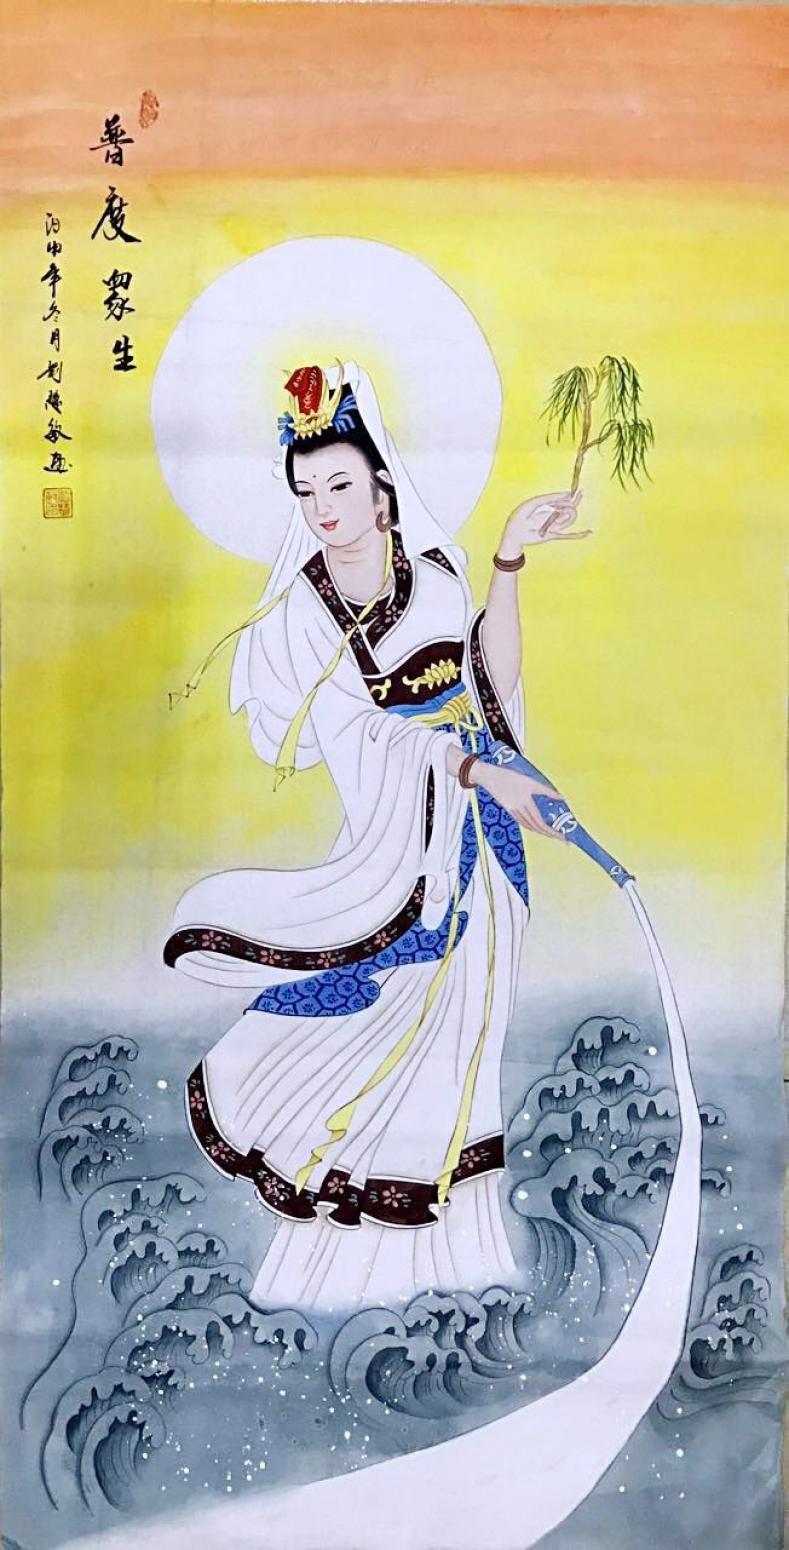 刘慧敏国画作品《普度众生》